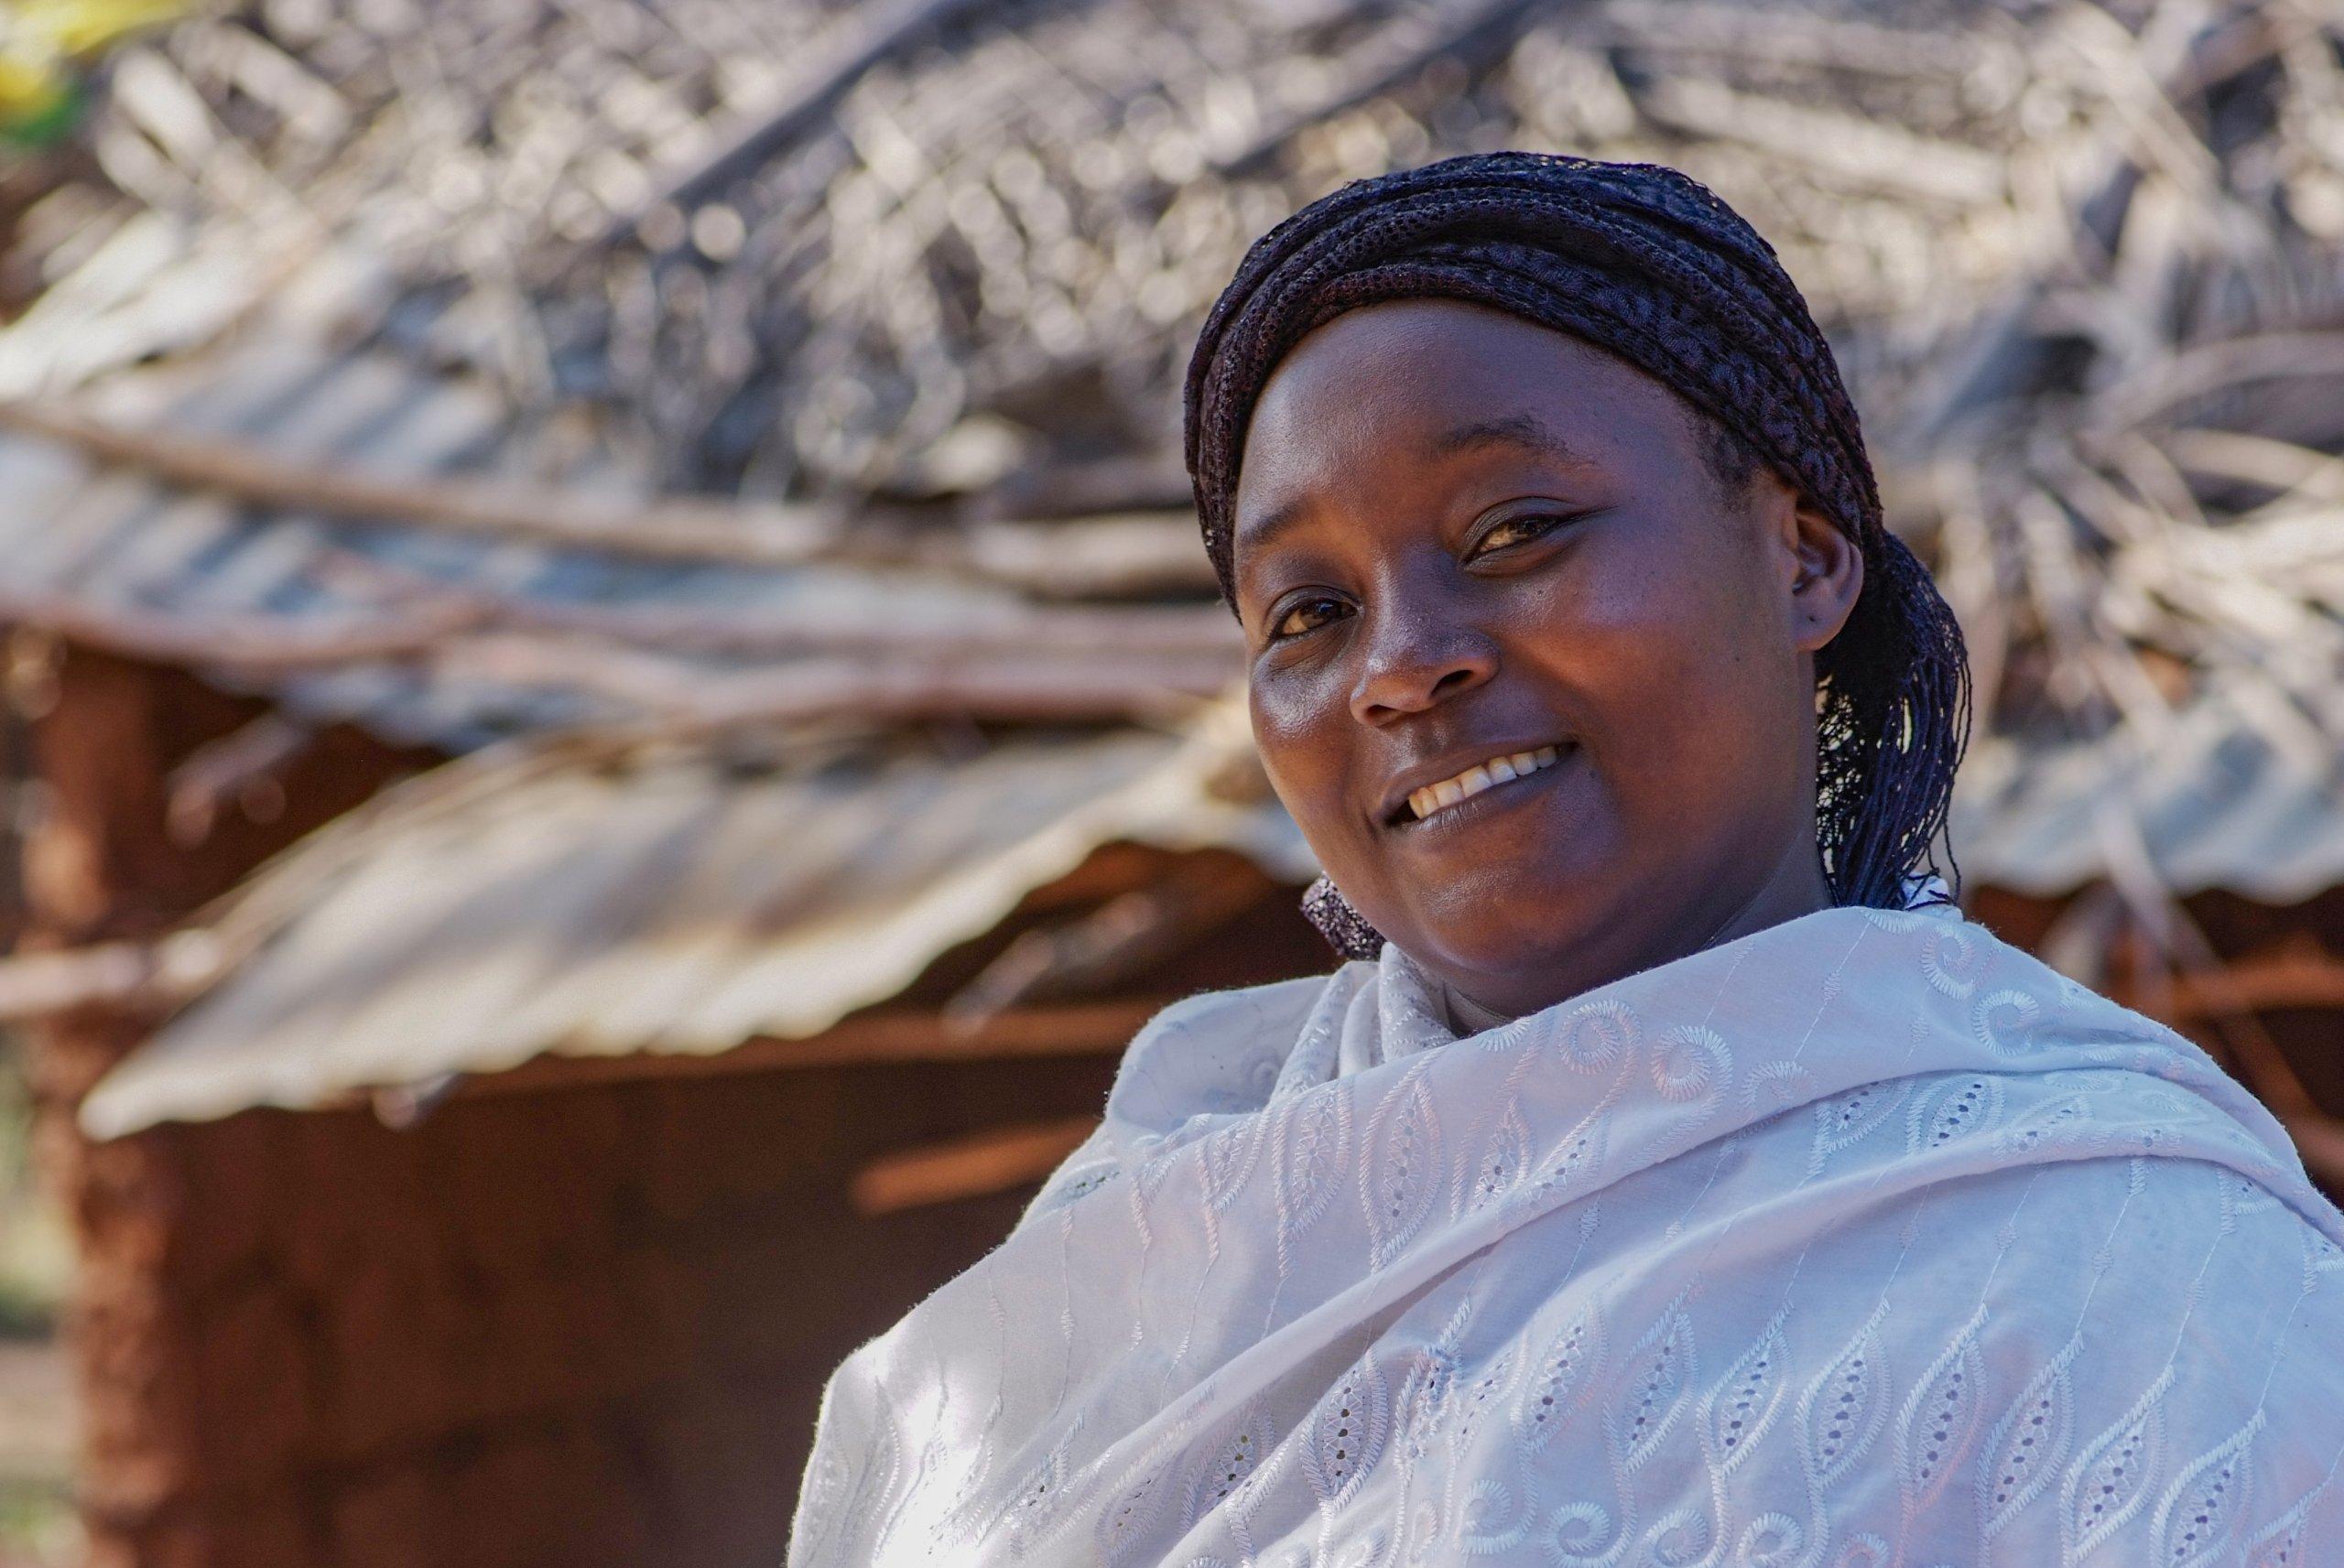 29 04 boerin trotsevrouw Zidina Rwiza Pangani Tanzania 5611 scaled